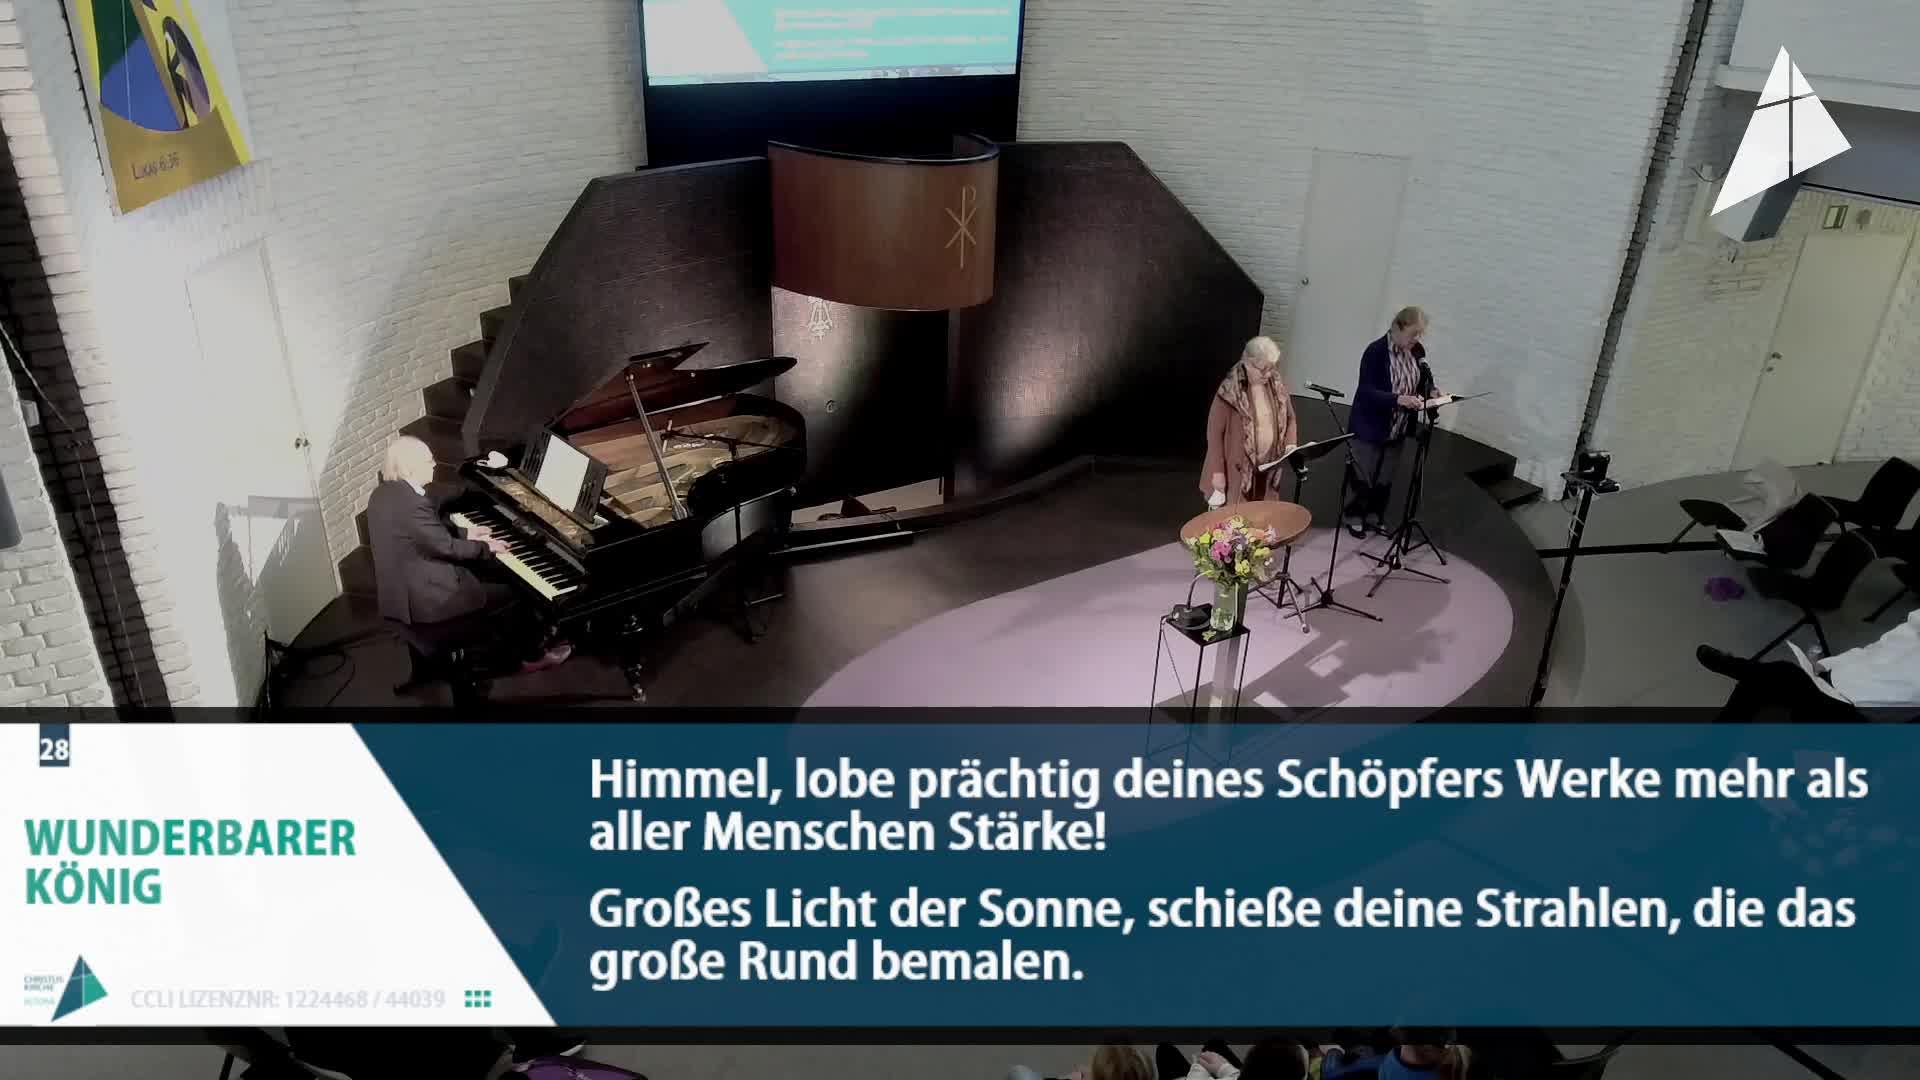 Gottesdienst - am 17. Oktober - Livestream aus der Christuskirche